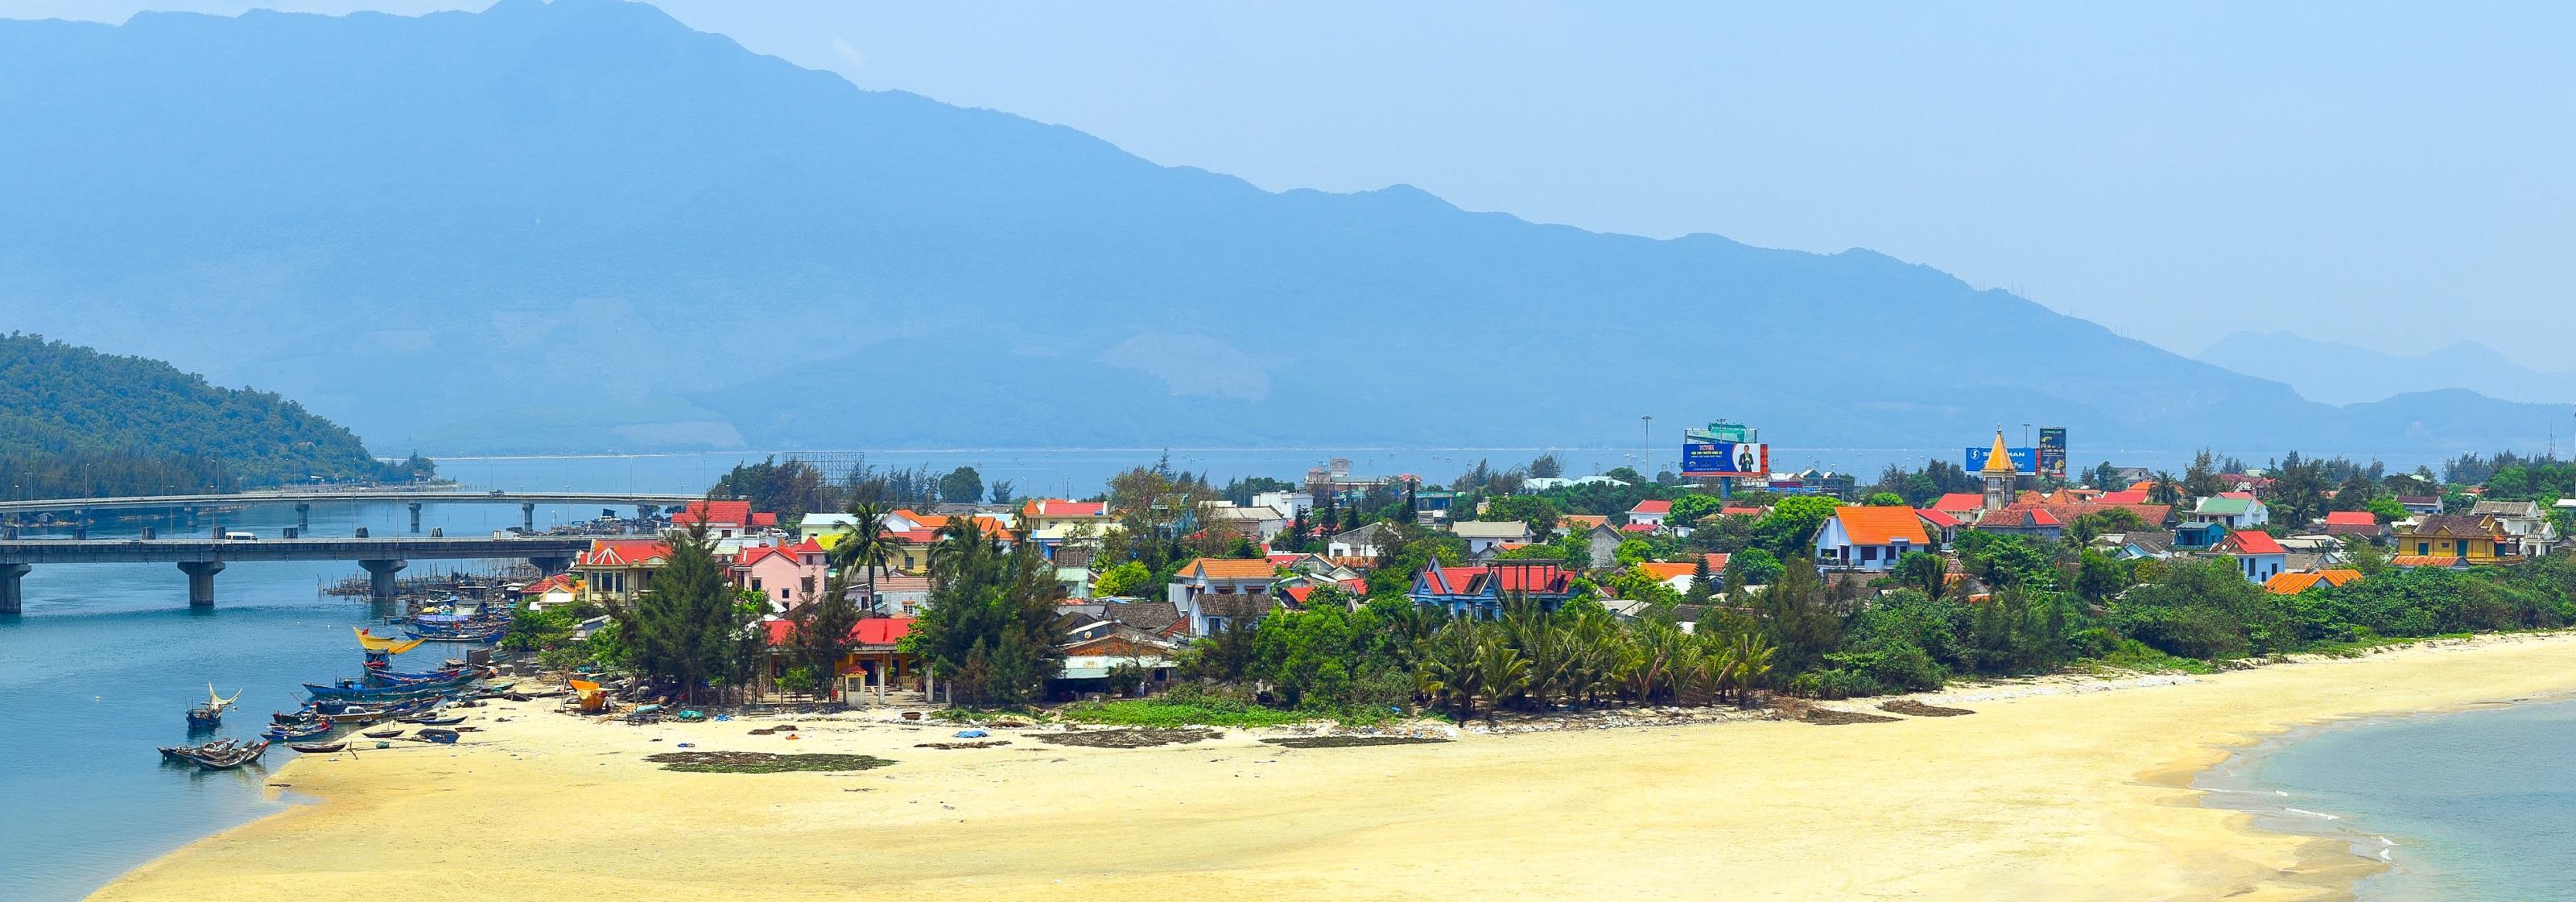 Aktivitäten in Hoi An